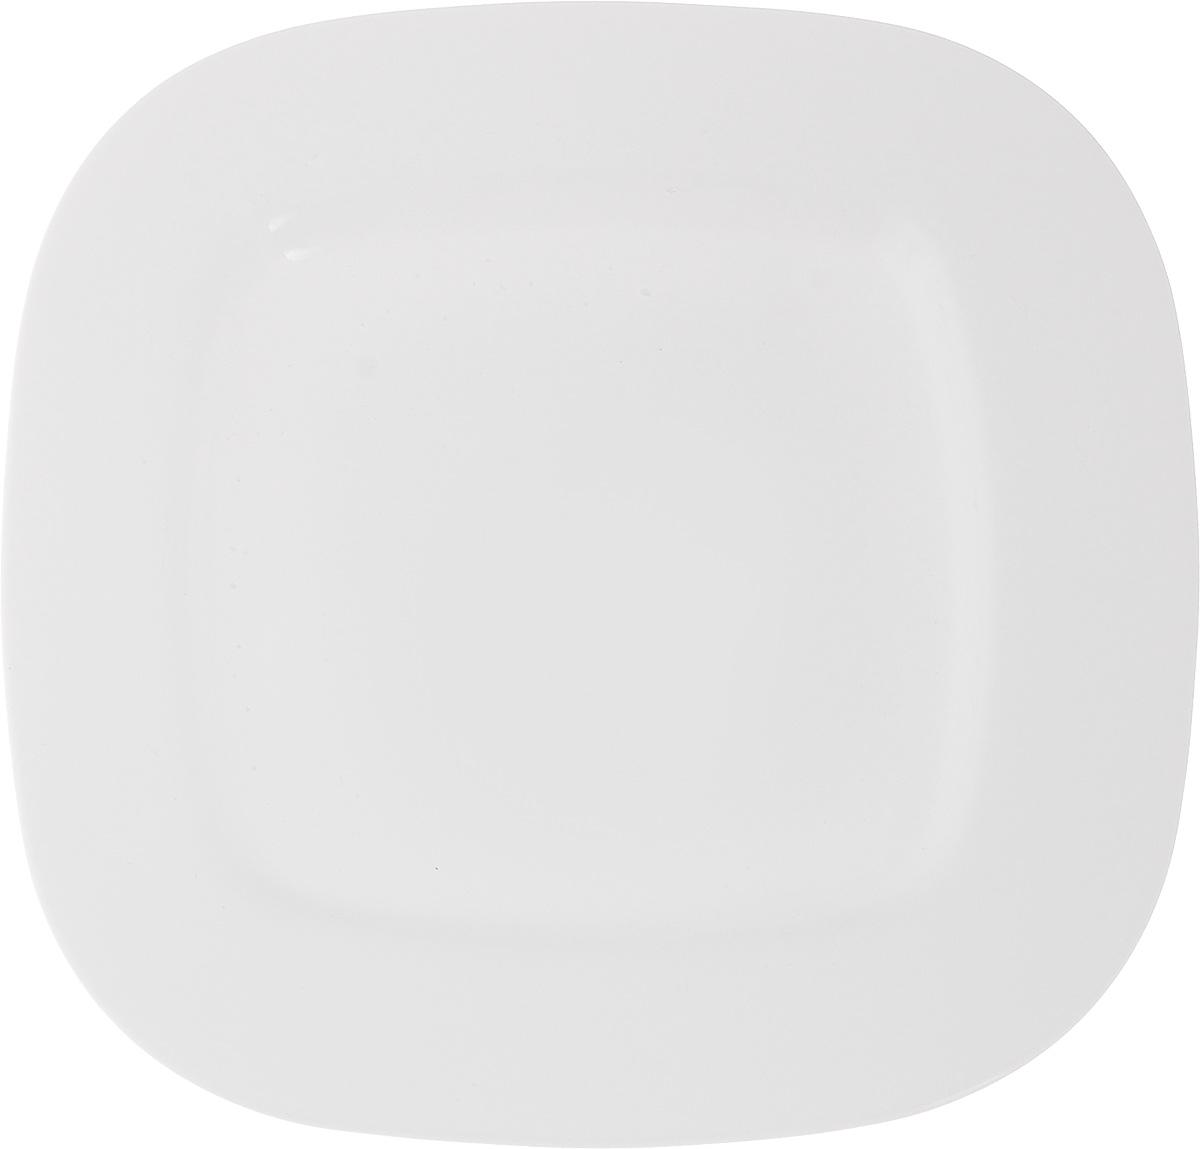 Тарелка обеденная Luminarc Squera, 28 х 28 см115510Обеденная тарелка Luminarc Squera, изготовленная из высококачественного стекла, имеет изысканный внешний вид. Яркий дизайн придется по вкусу и ценителям классики, и тем, кто предпочитает утонченность. Тарелка Luminarc Squera идеально подойдет для сервировки вторых блюд из птицы, рыбы, мяса или овощей, а также станет отличным подарком к любому празднику.Размер тарелки (по верхнему краю): 28 х 28 см.